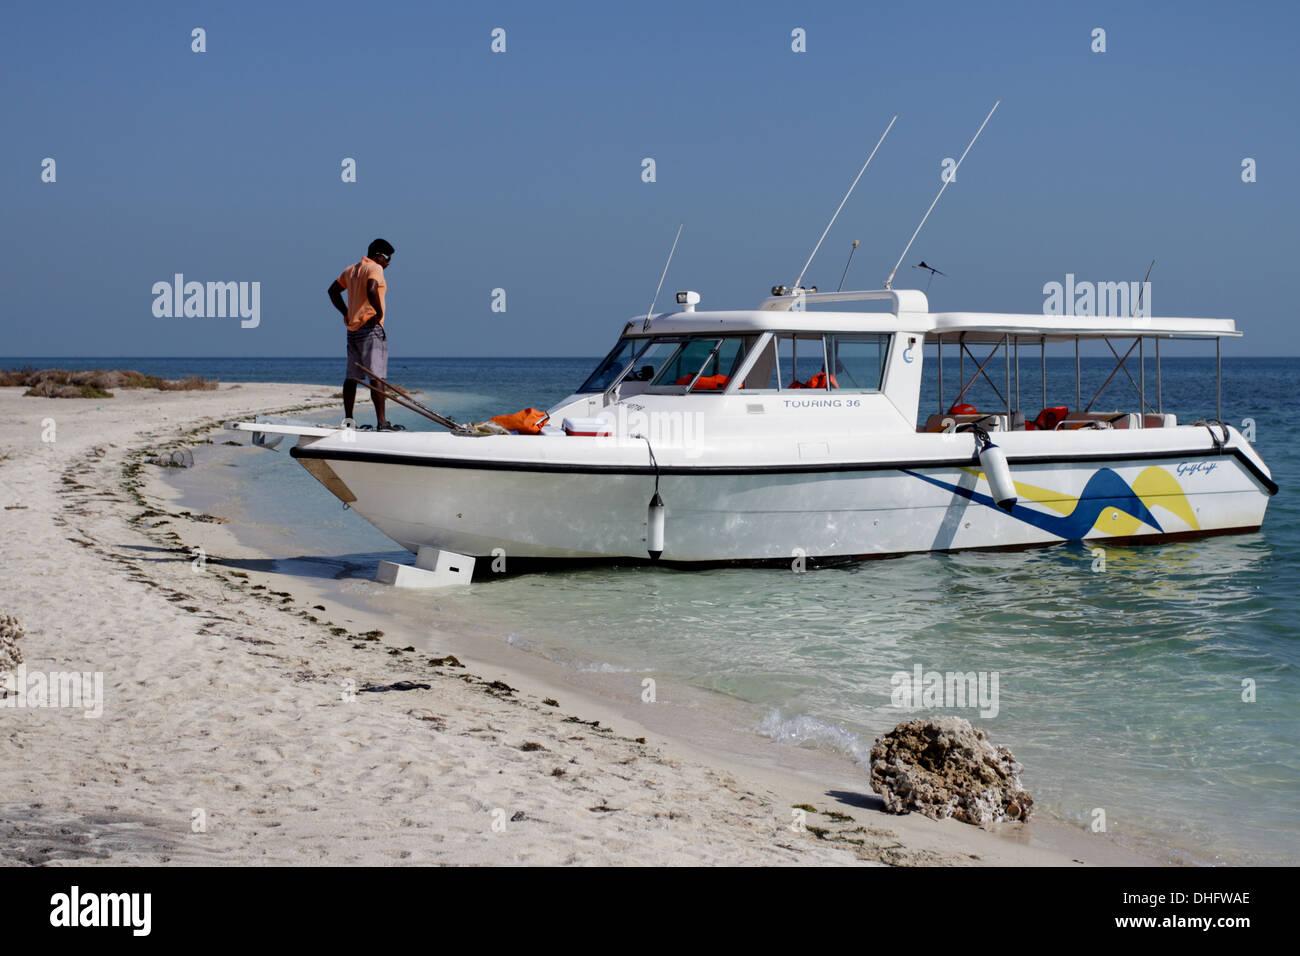 Bateau amarré sur une île, Royaume de Bahreïn Photo Stock